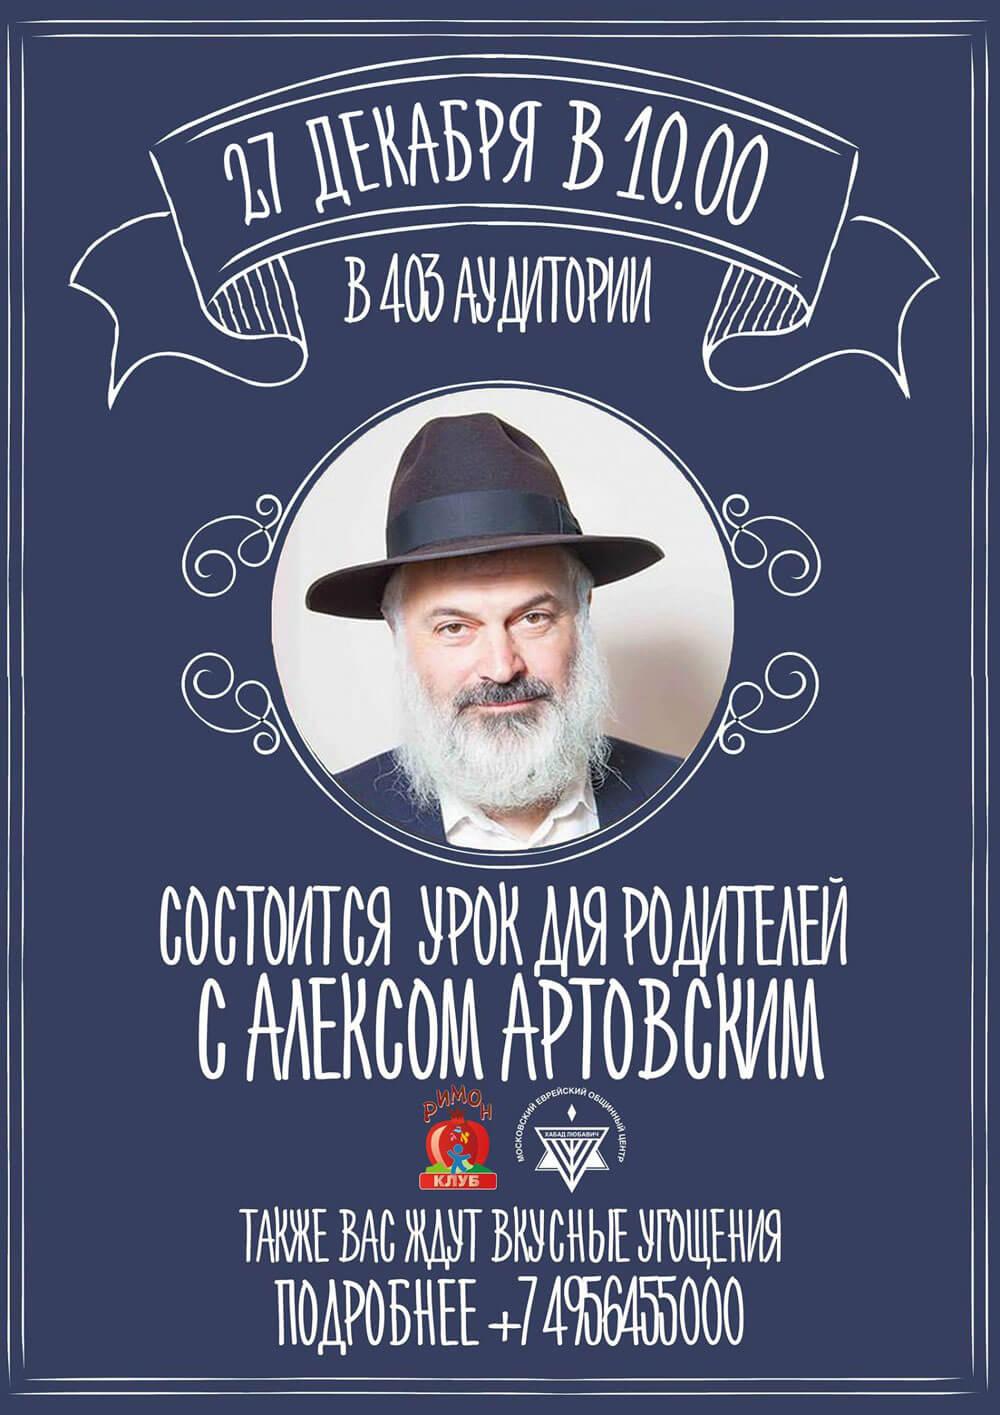 rimon-artovskiy-sm